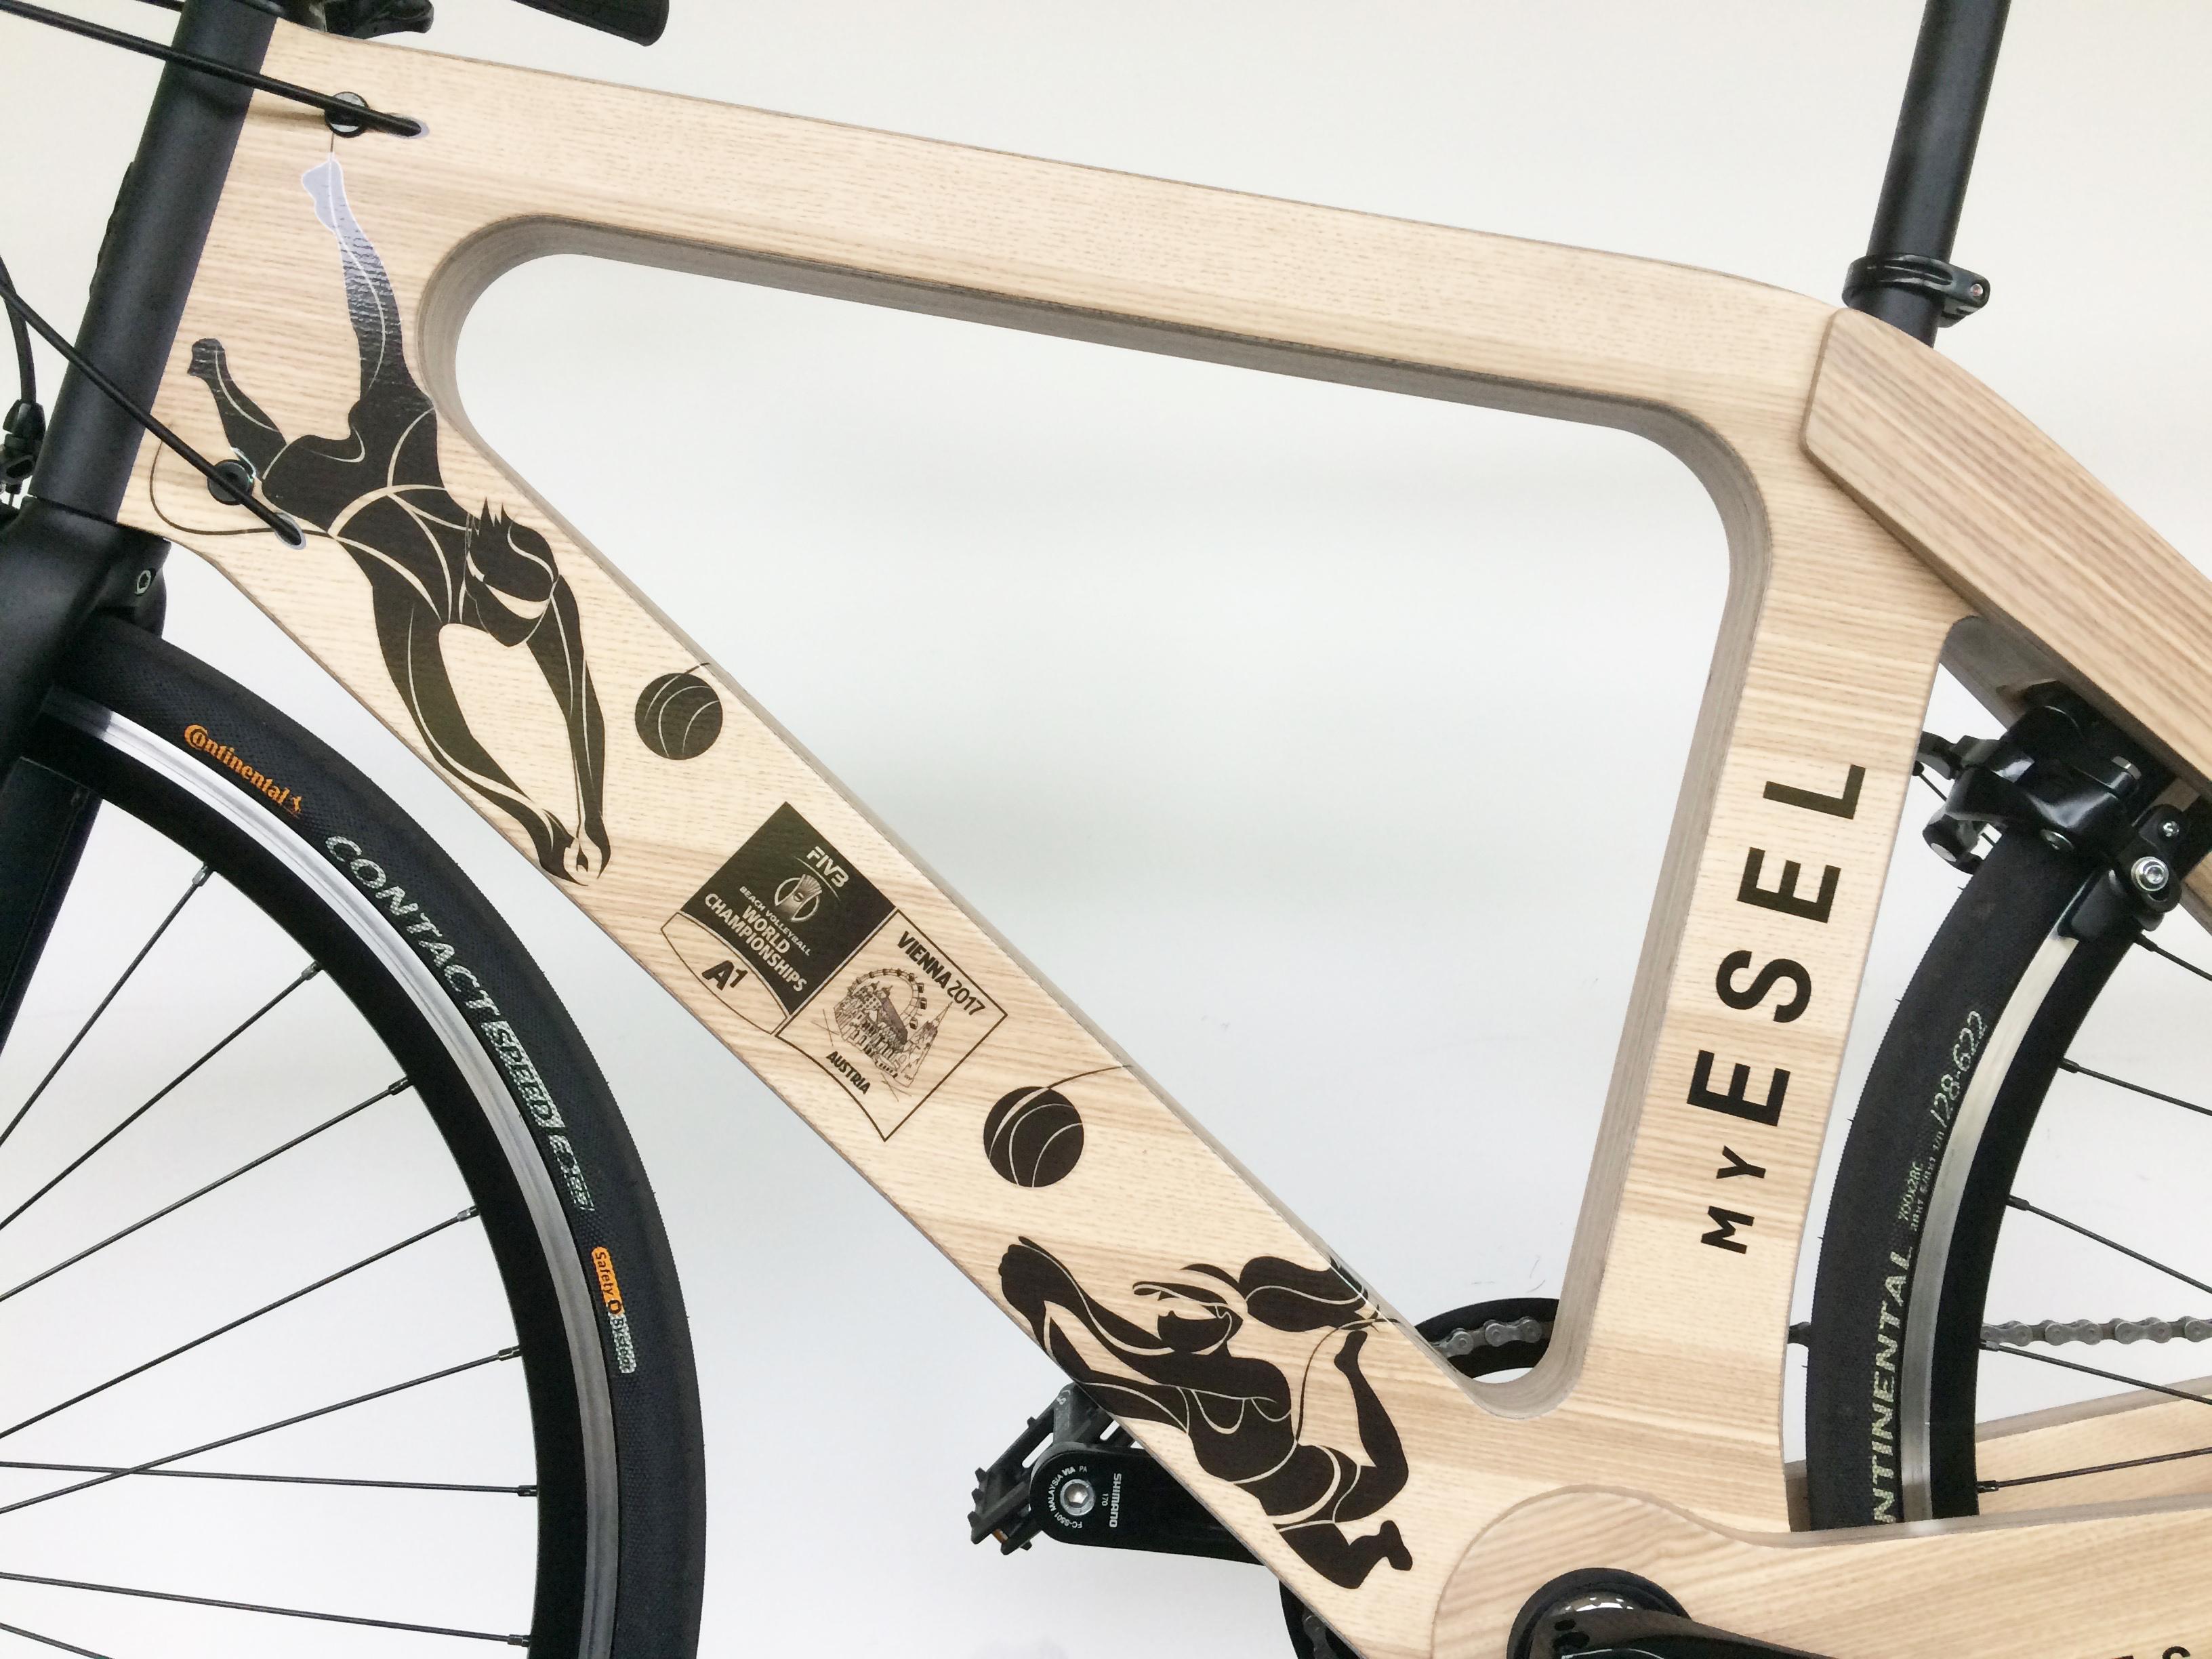 My Esel branding e-bike